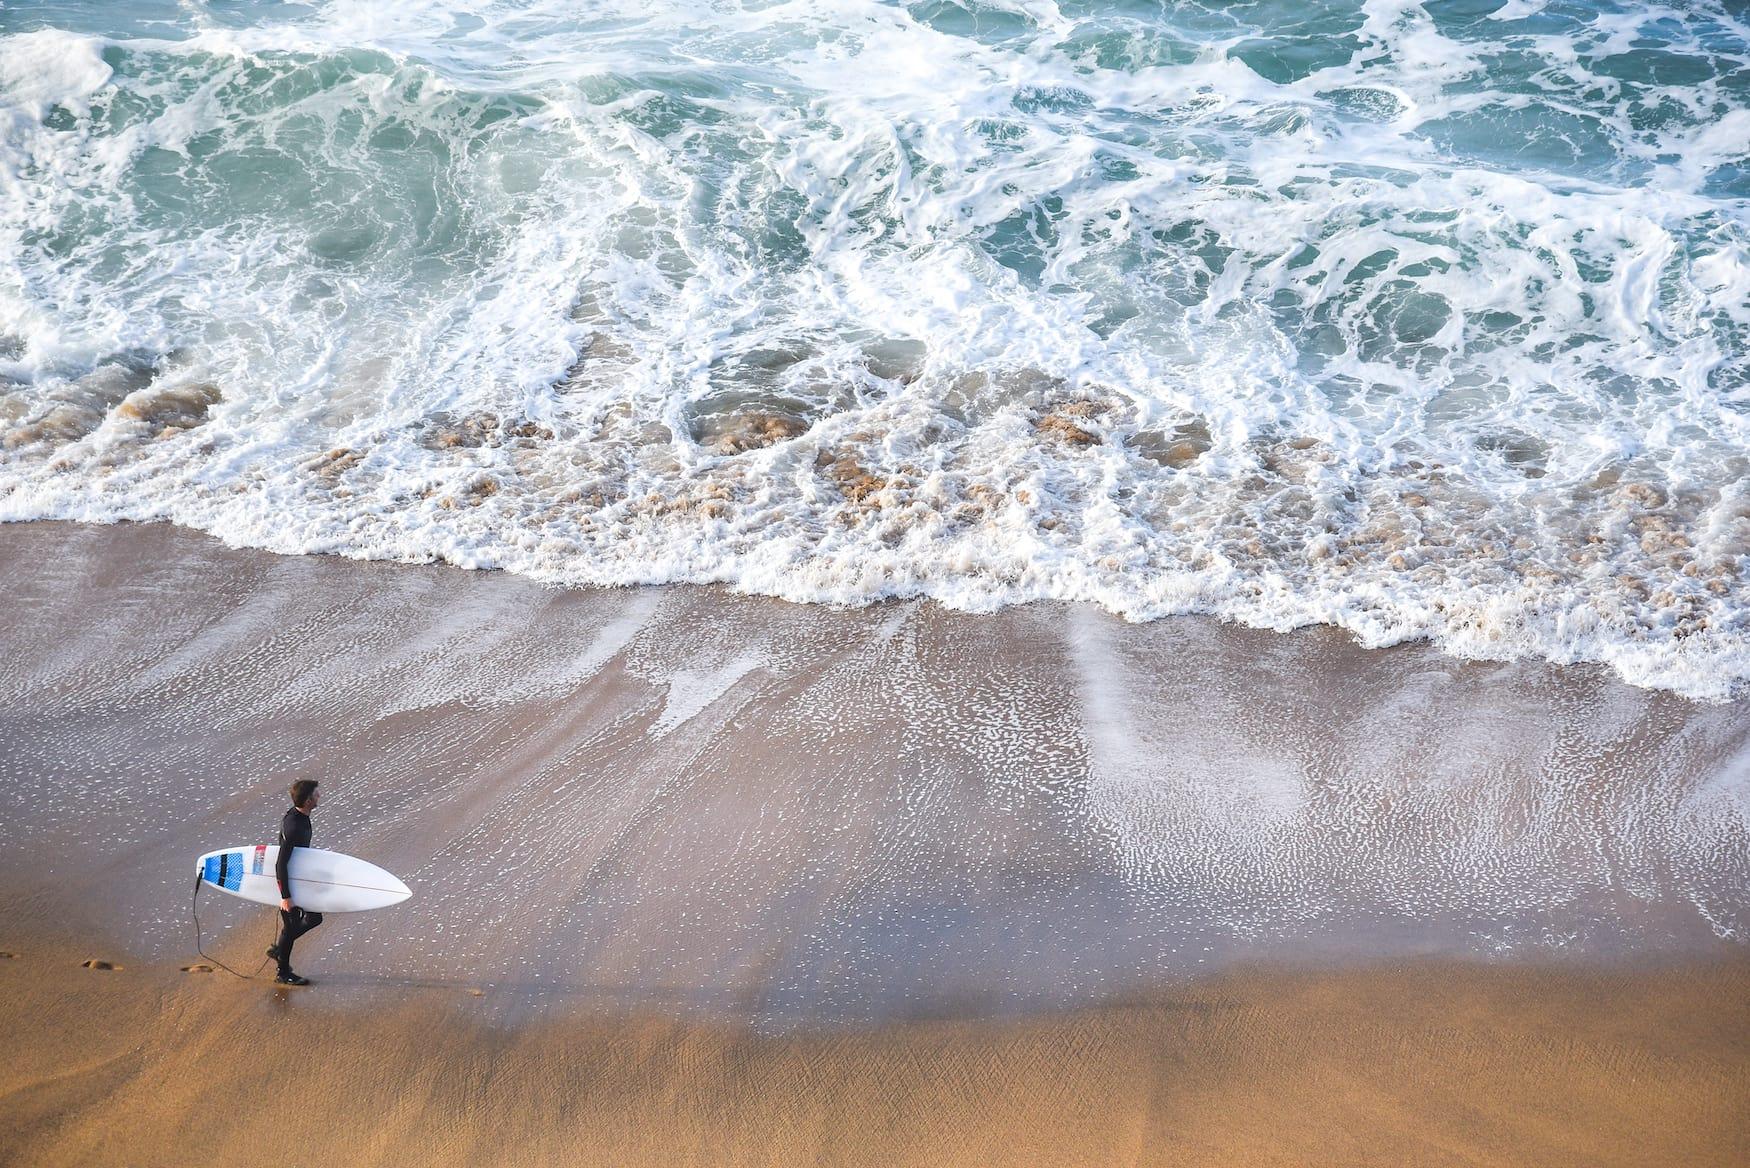 Surfer im Surfurlaub in Australien